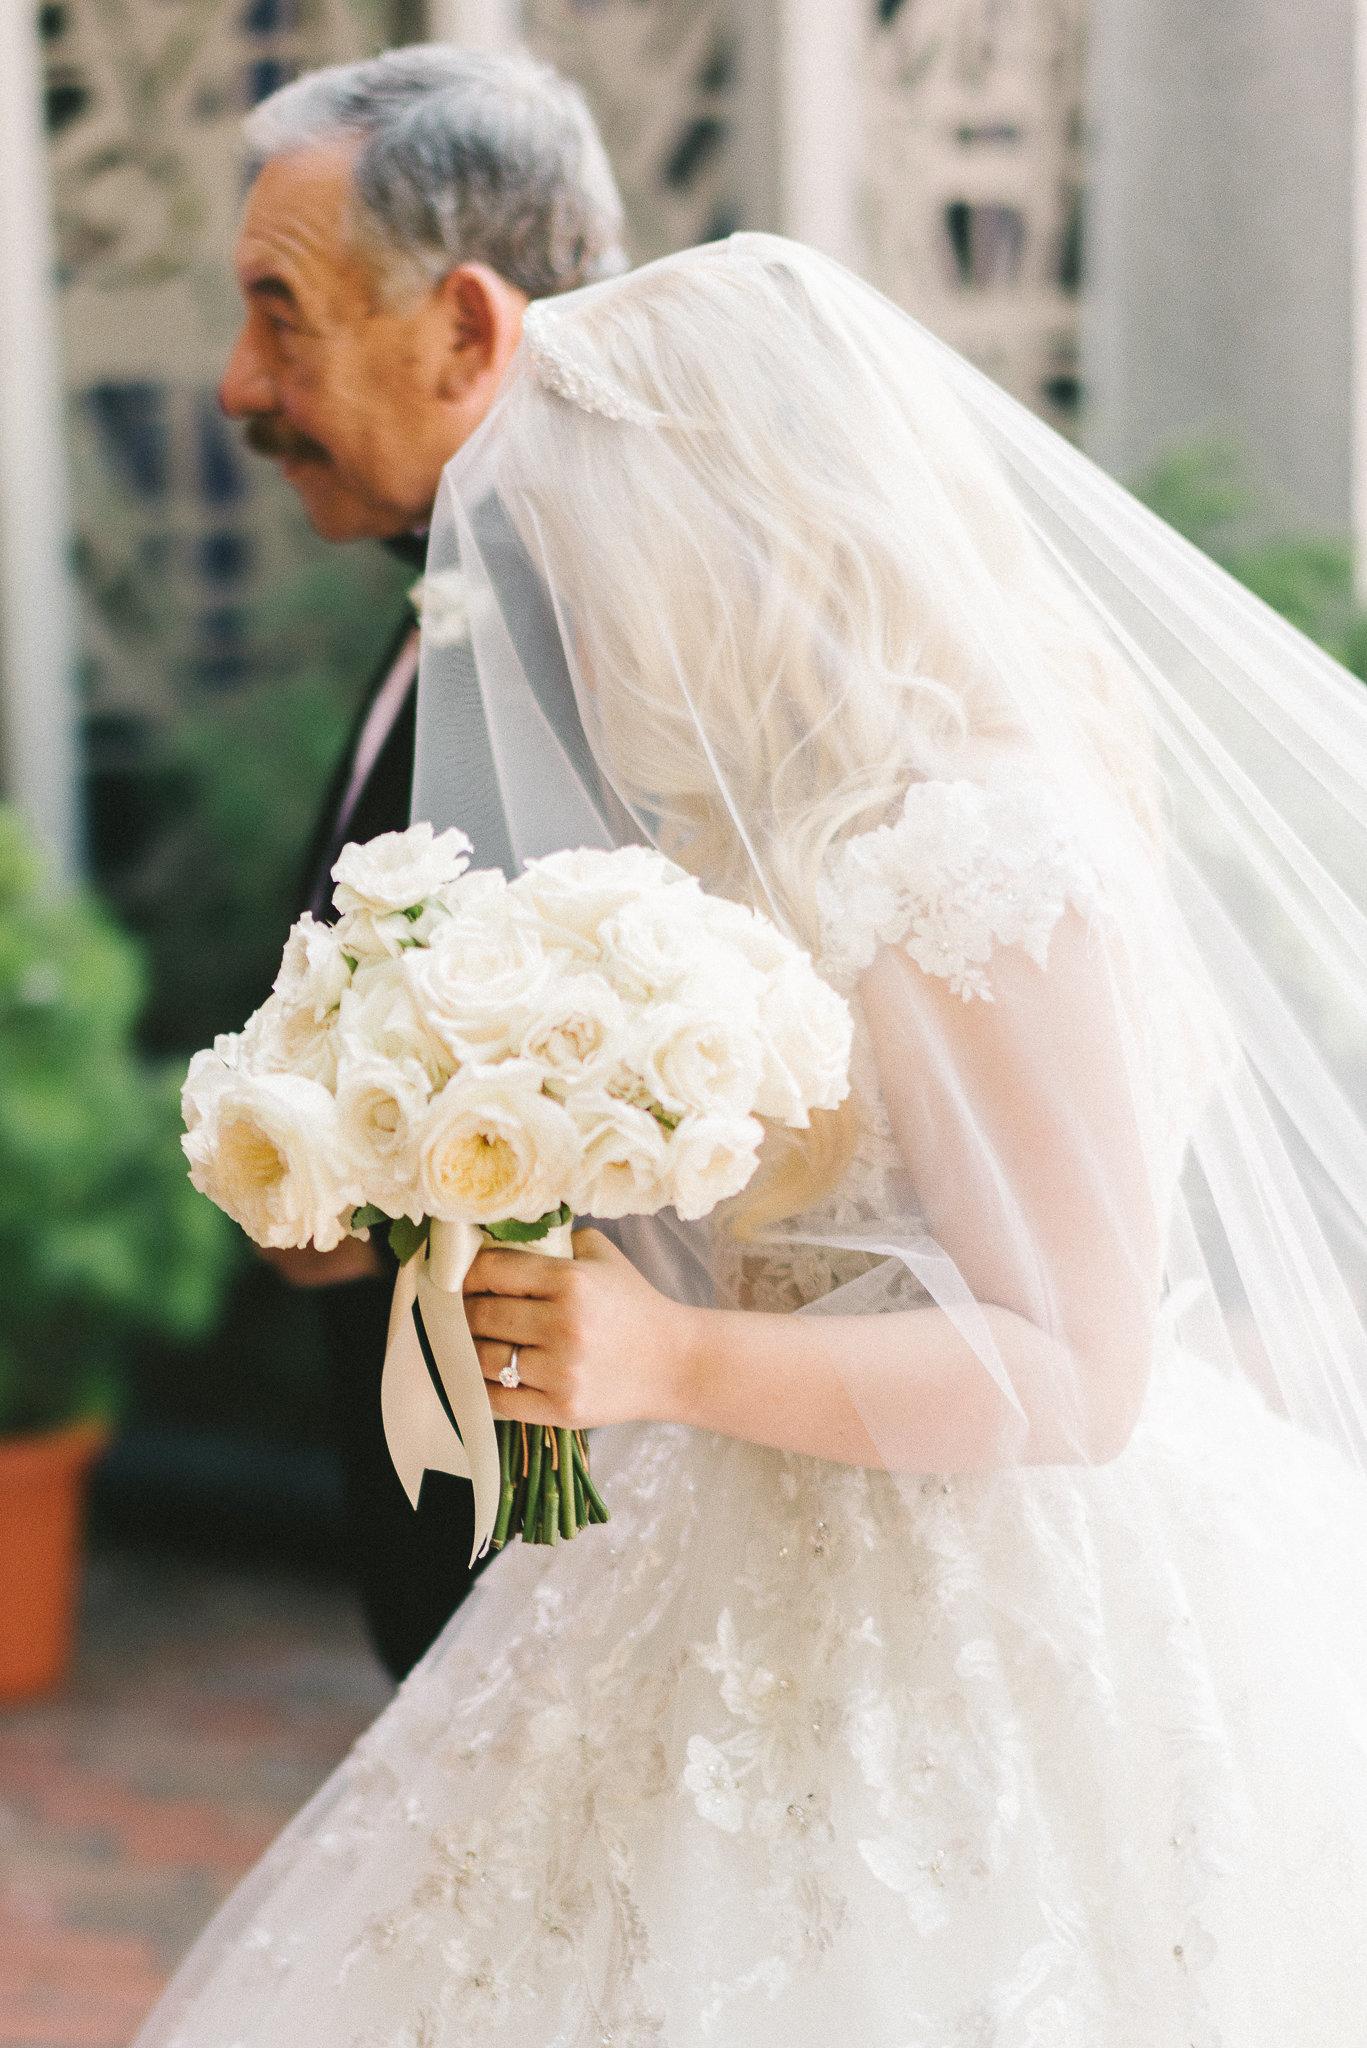 Elizabeth-Fogarty-Wedding-Photography-71.jpg